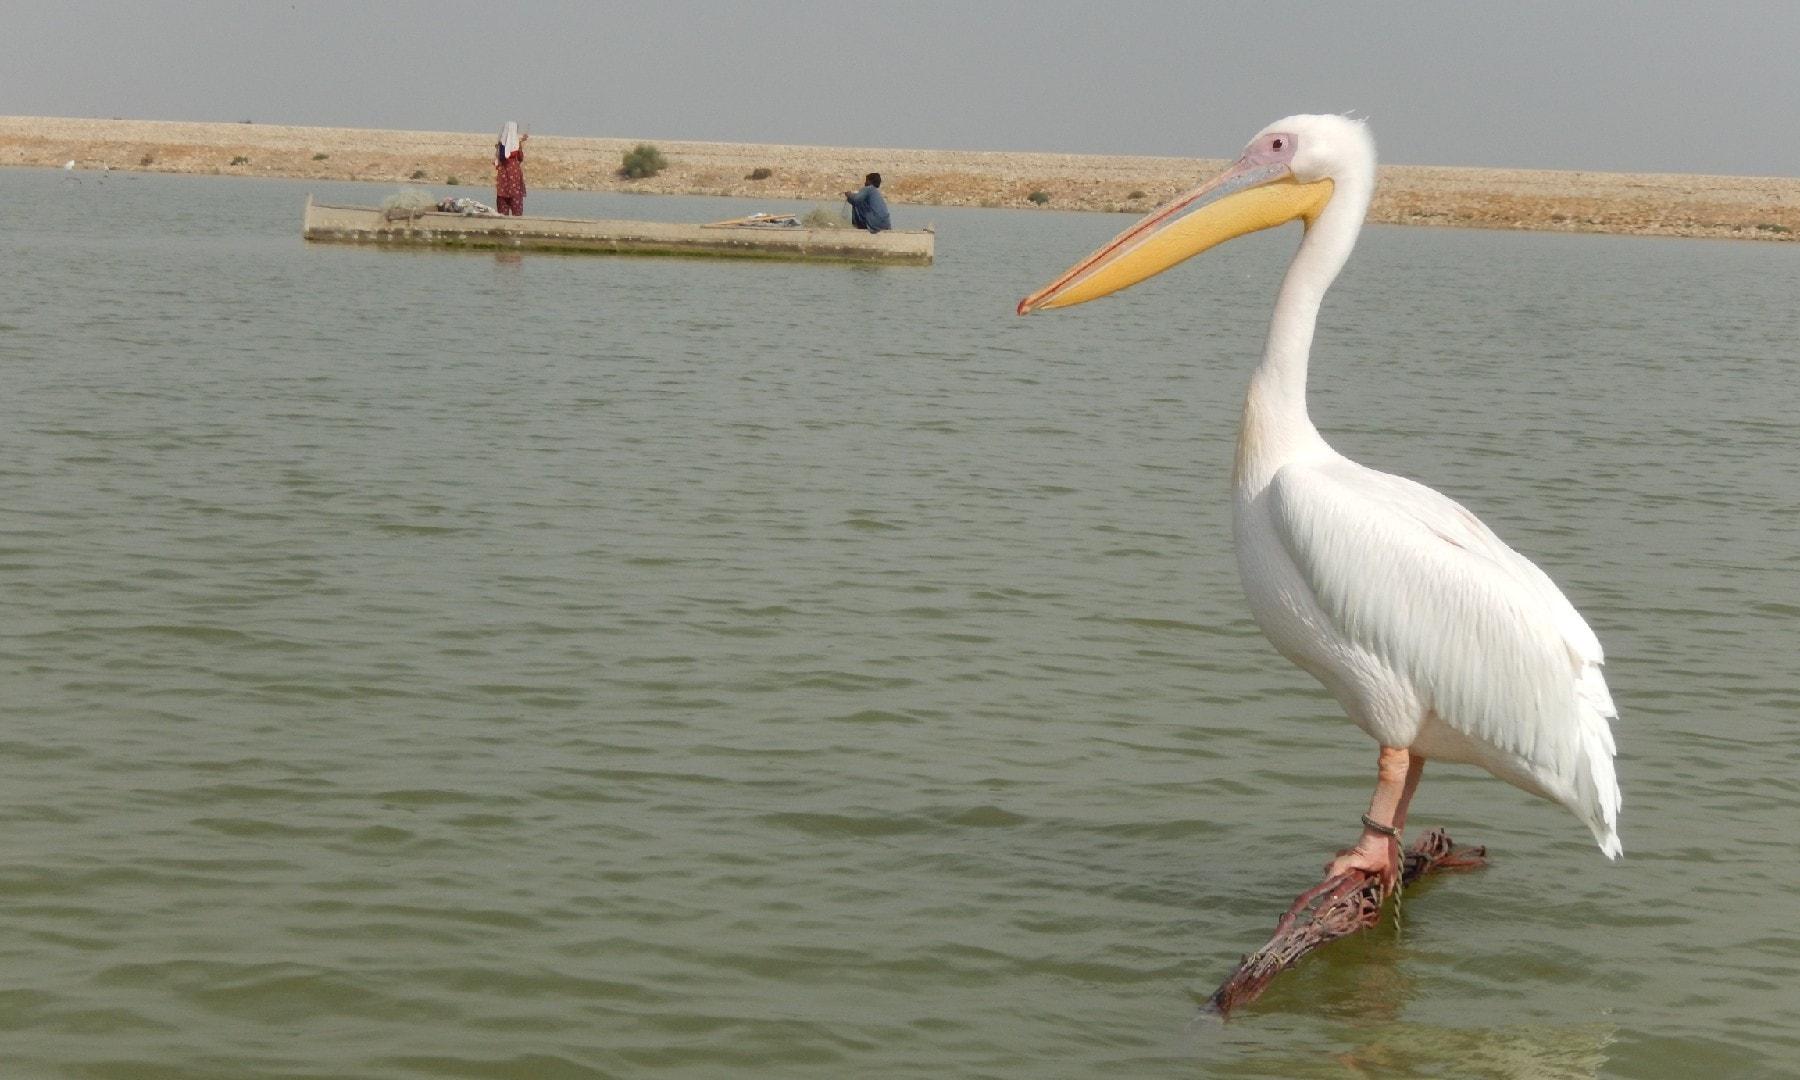 جھیل پر پرندے یوں بے پرواہ کیوں بیٹھے تھے؟